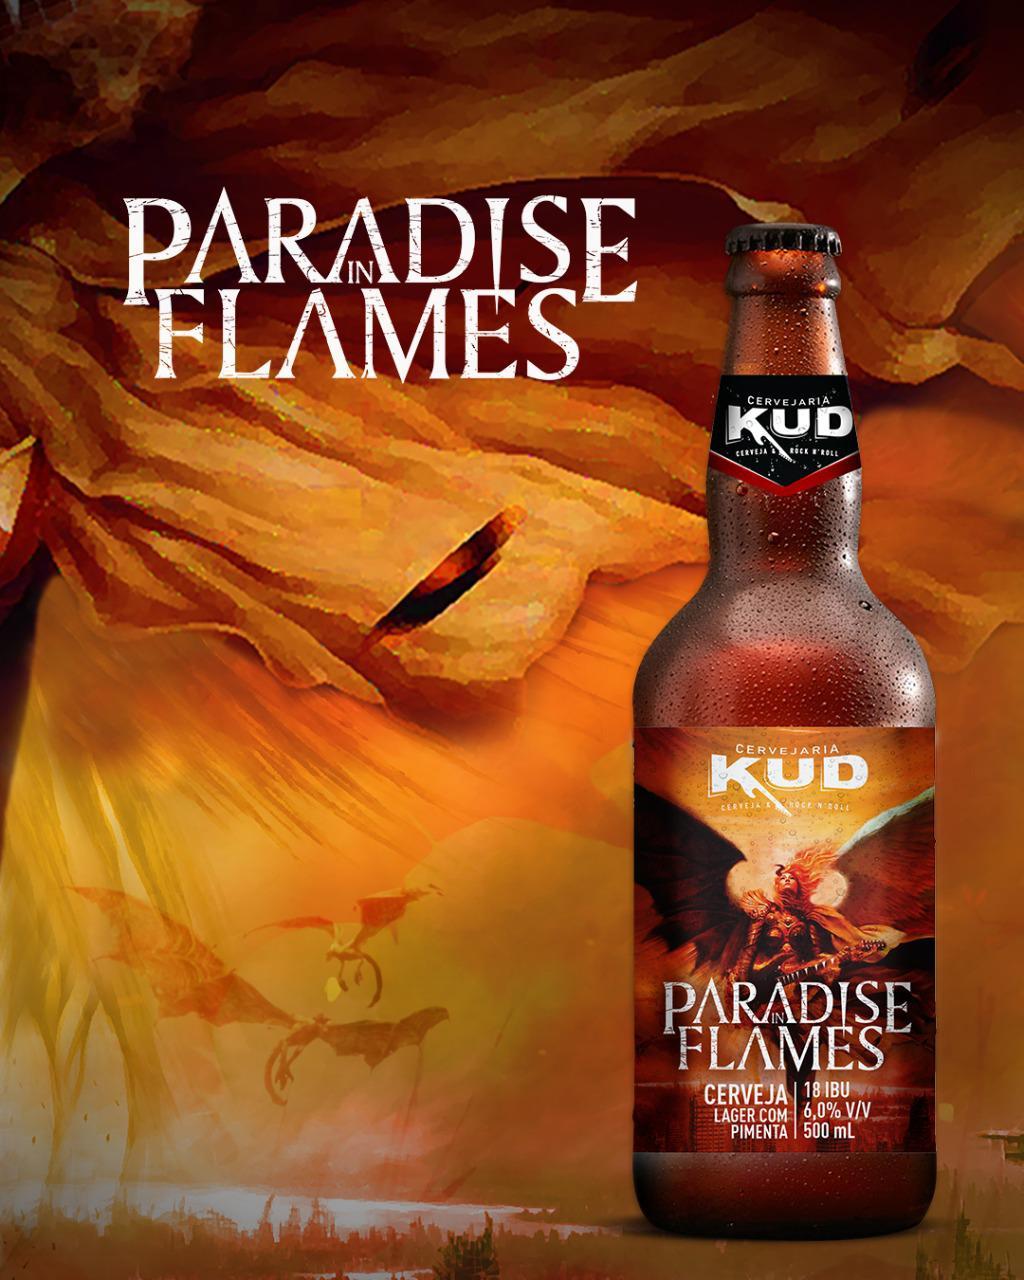 Paradise In Flames: confira a nova cerveja da banda